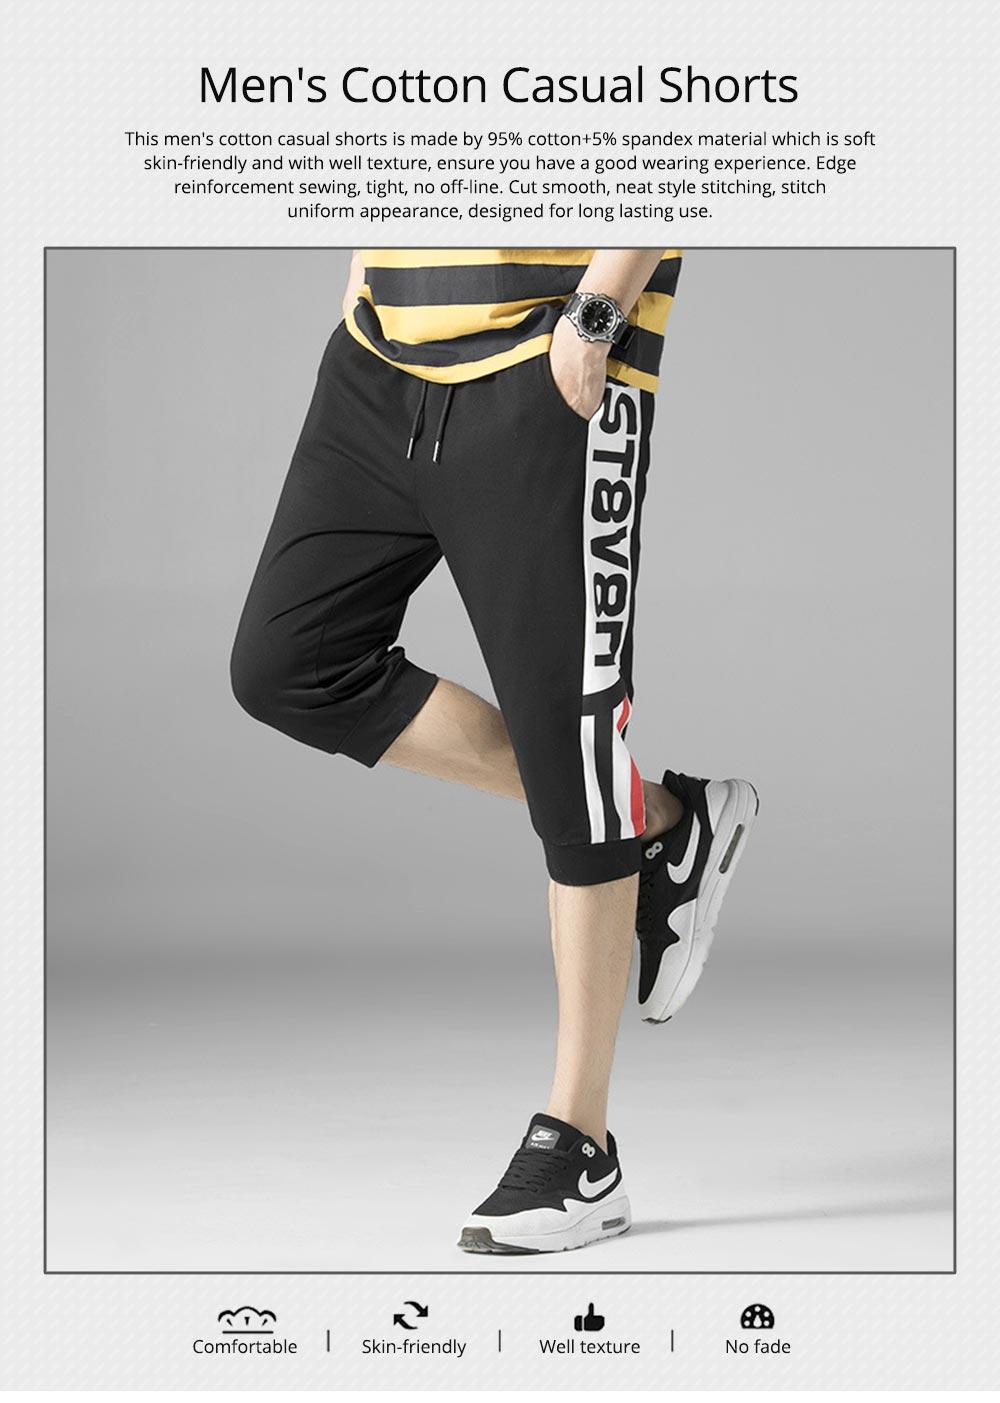 Men's Cotton Casual Shorts, Jogger Capri Pants, High Breathable Summer Short Pants with Drawstring Pockets 0